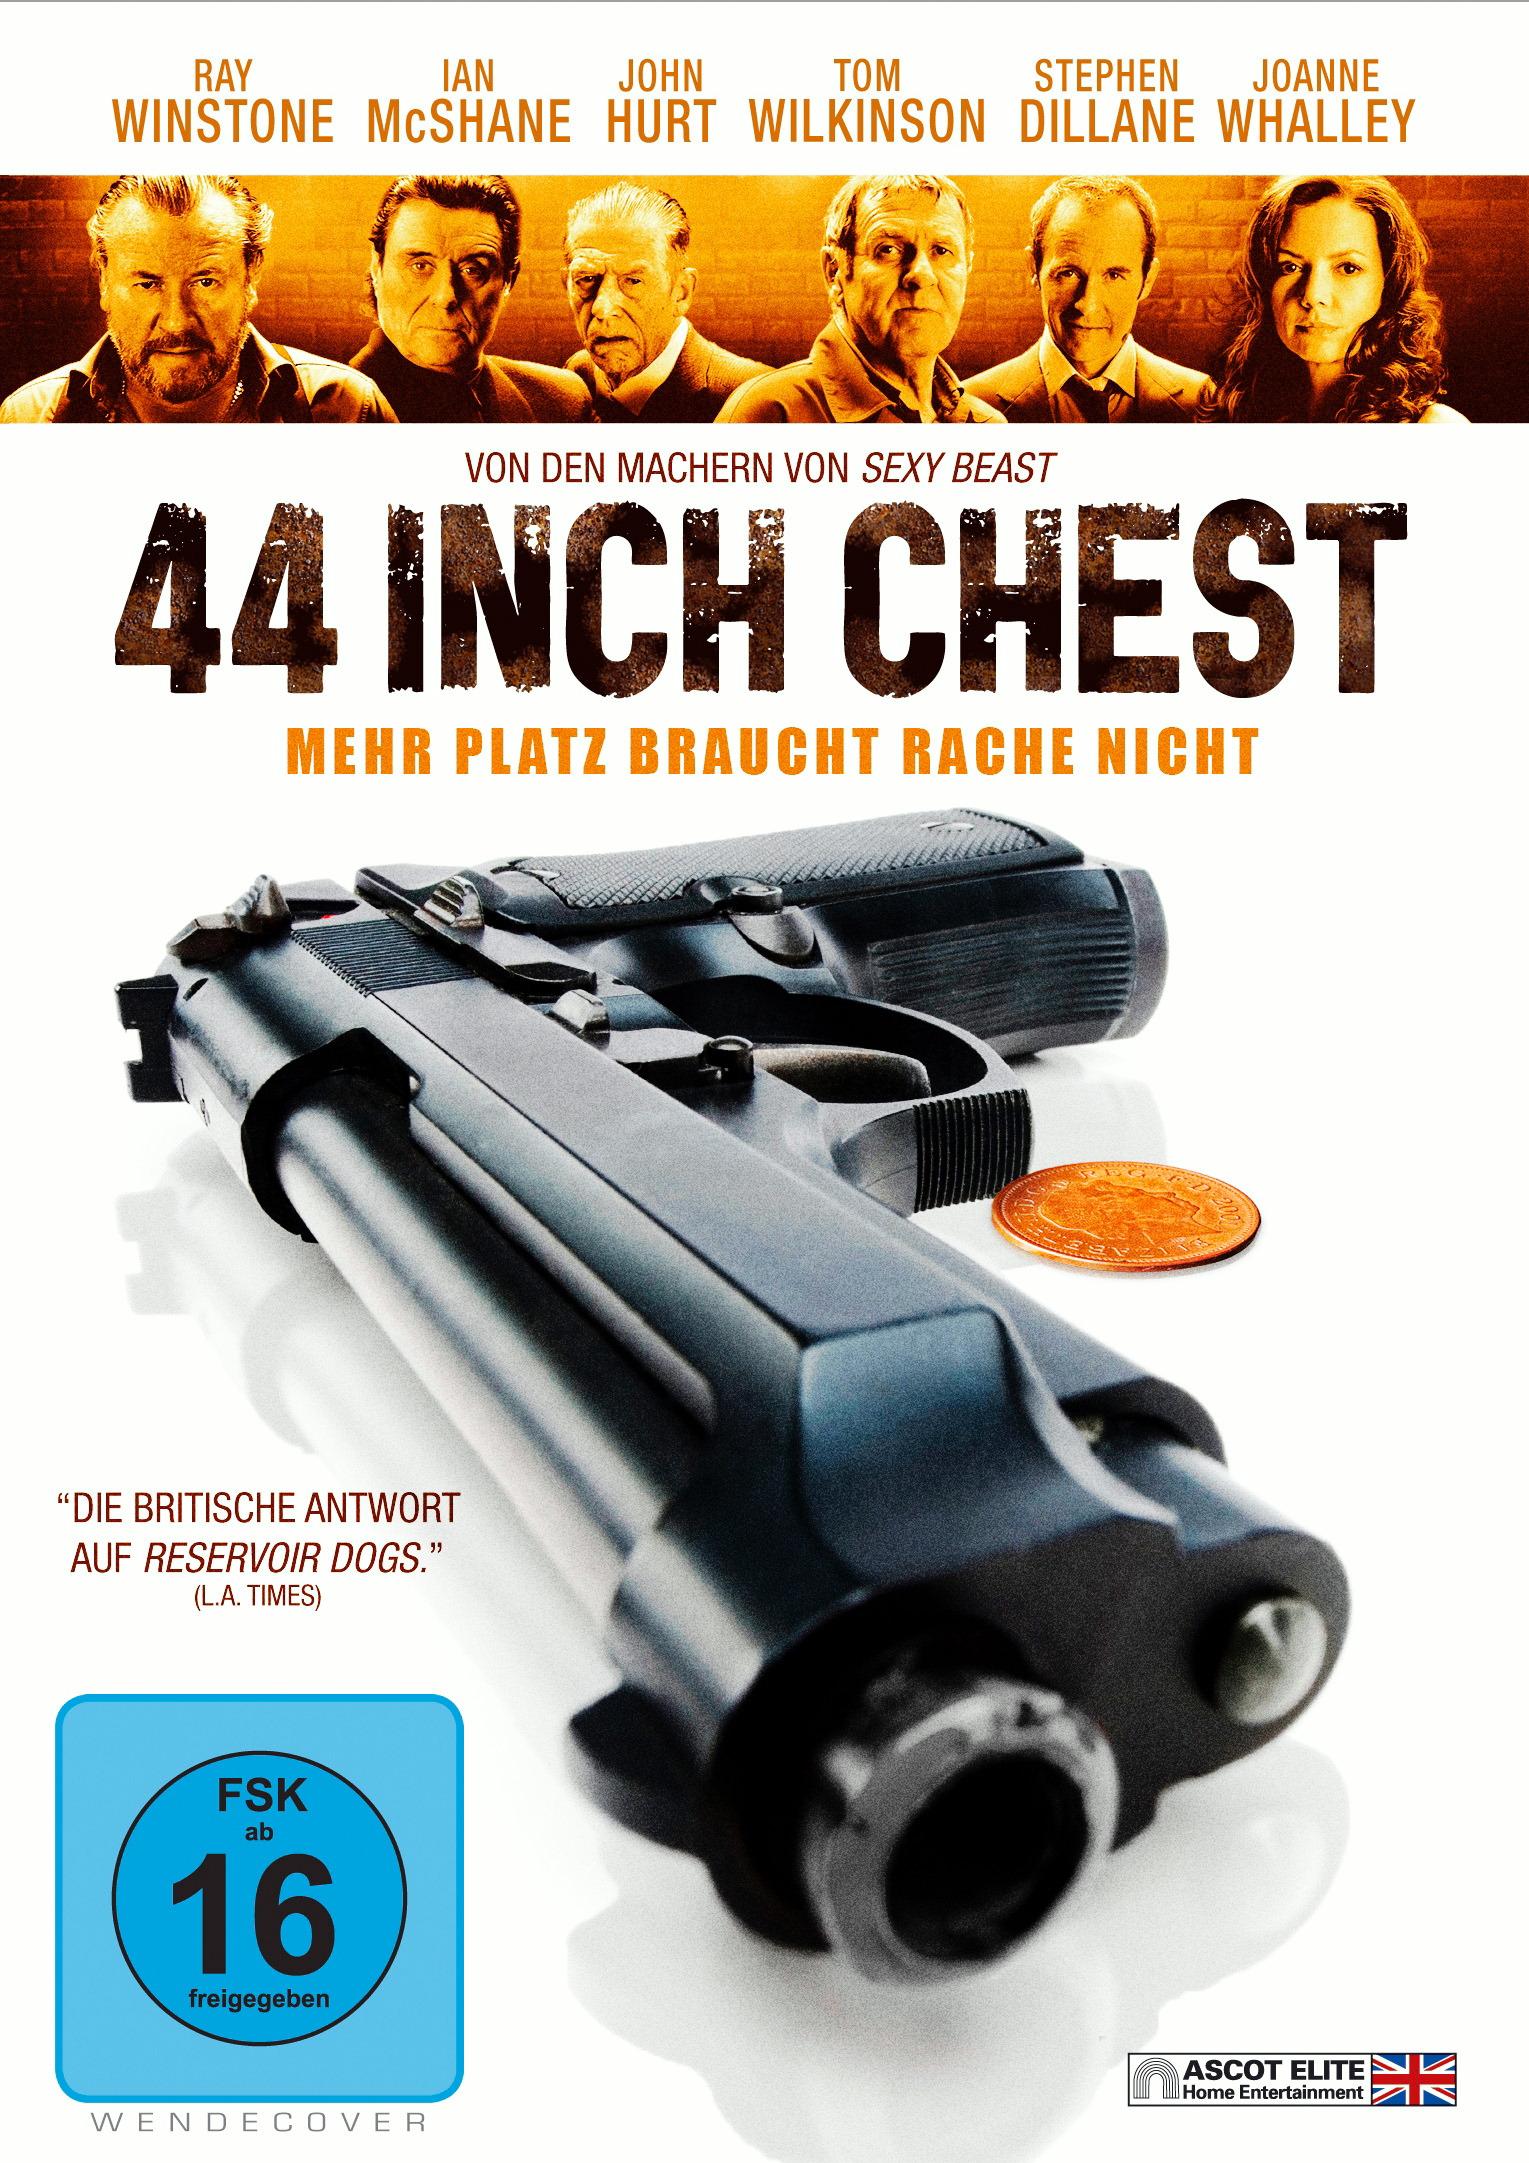 44 Inch Chest - Mehr Platz braucht Rache nicht Poster